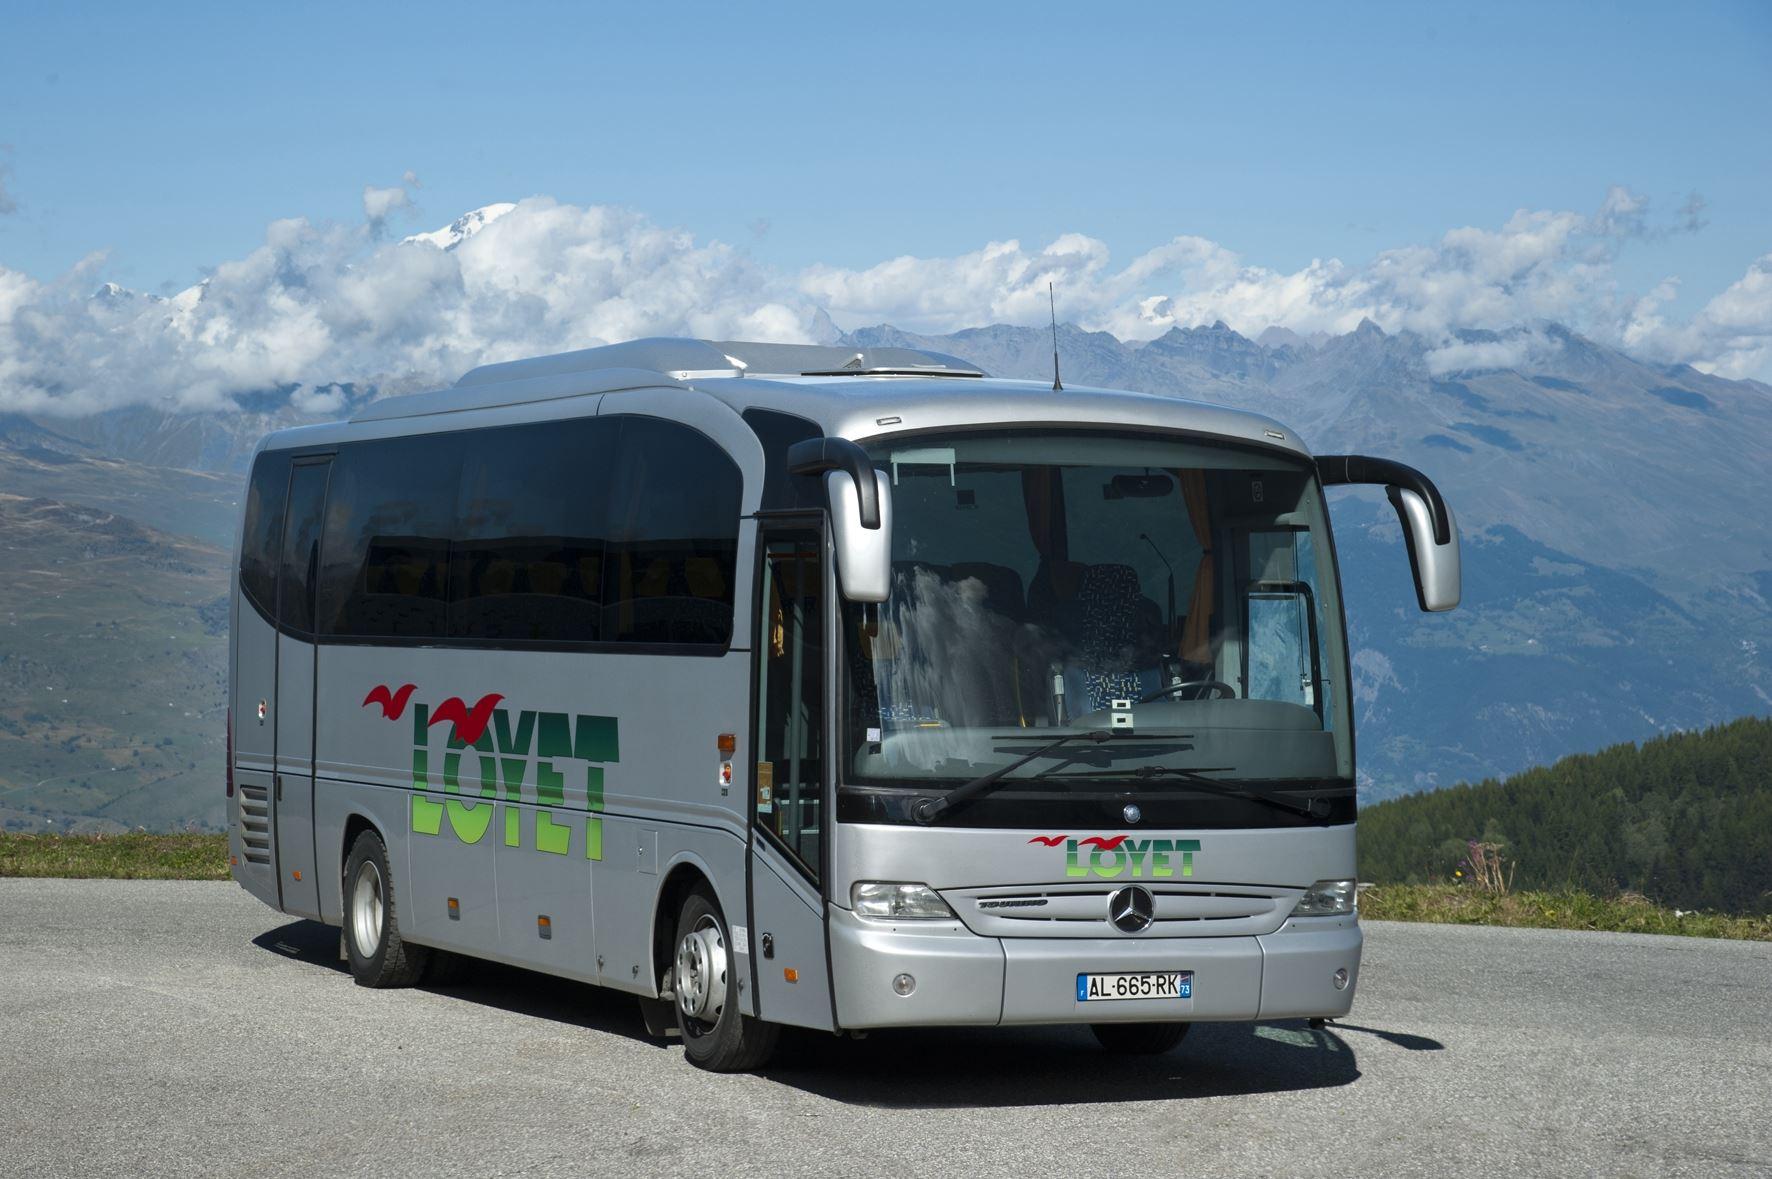 TRANSFERT EN BUS LE DIMANCHE GENEVE AEROPORT - VAL THORENS - 58€ PAR BILLET